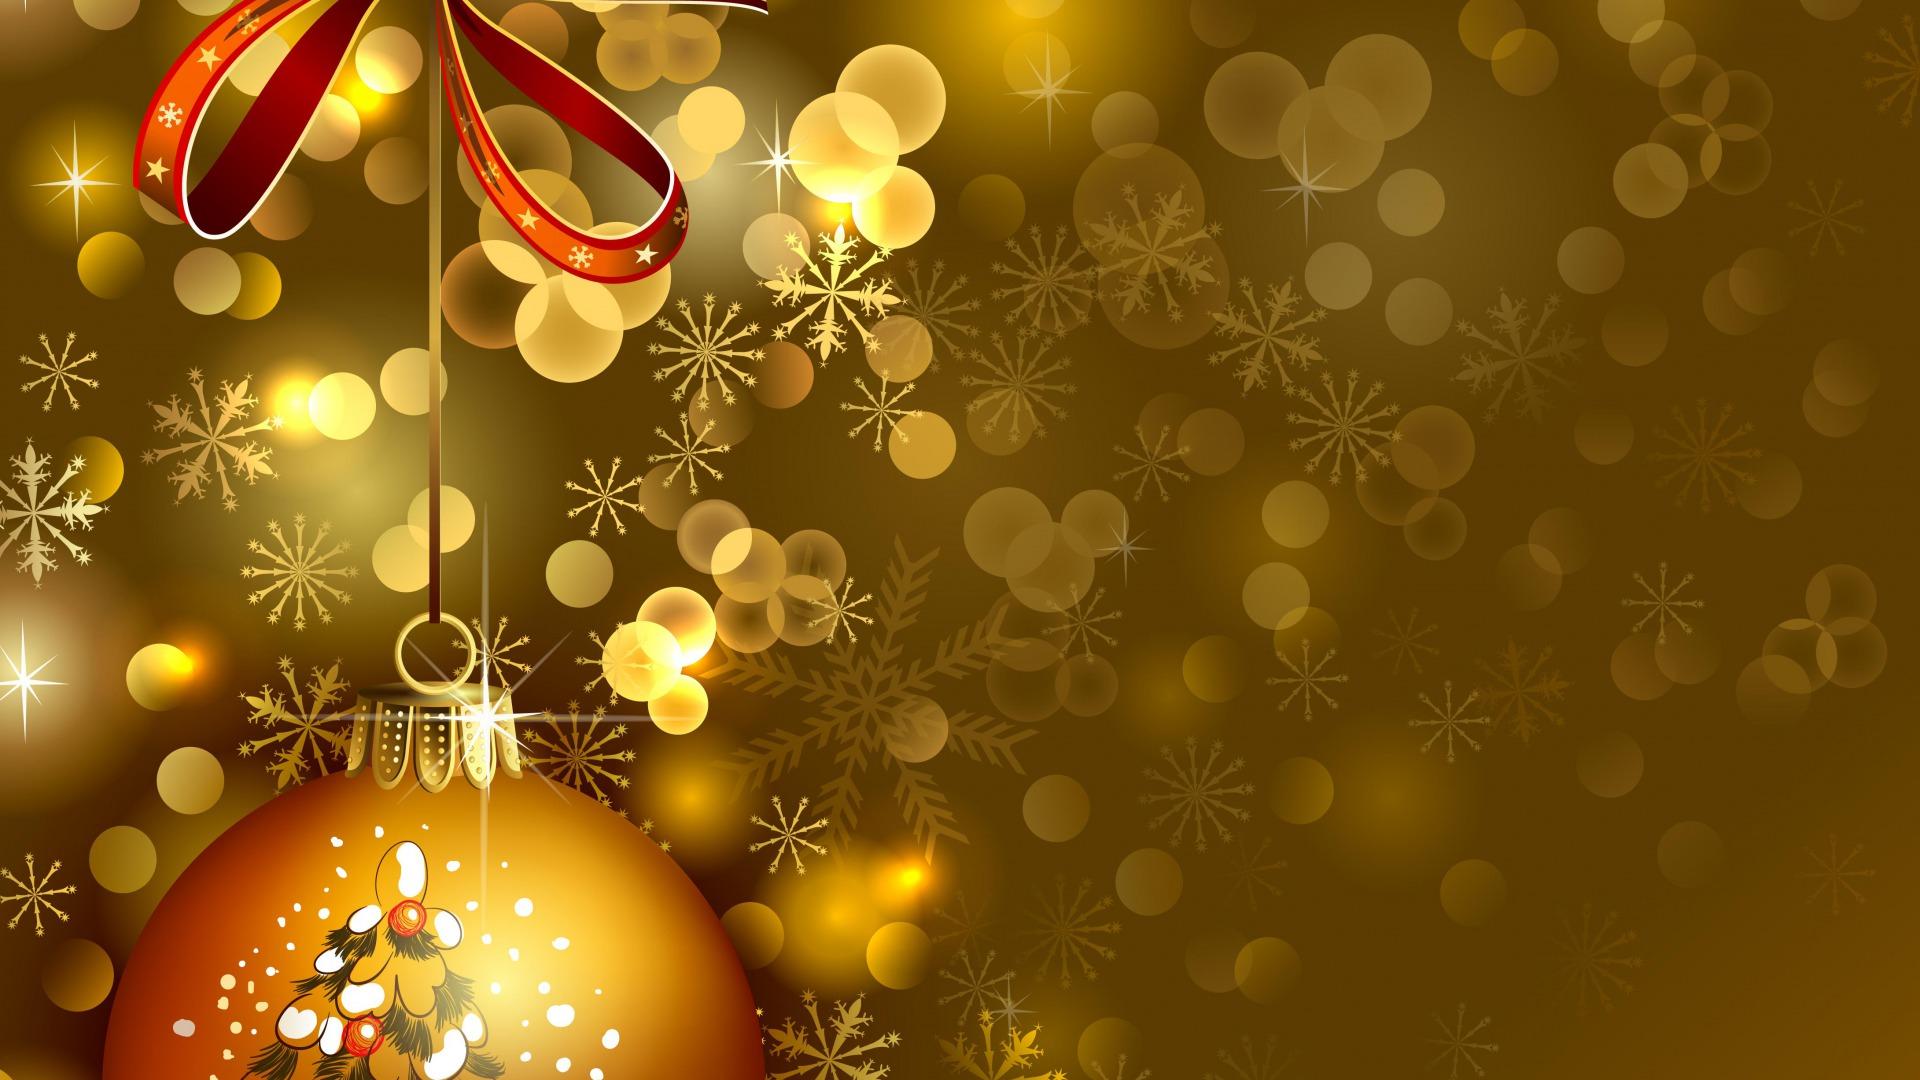 Bộ Sưu Tập Ảnh Giáng Sinh - Page 4 053ayi